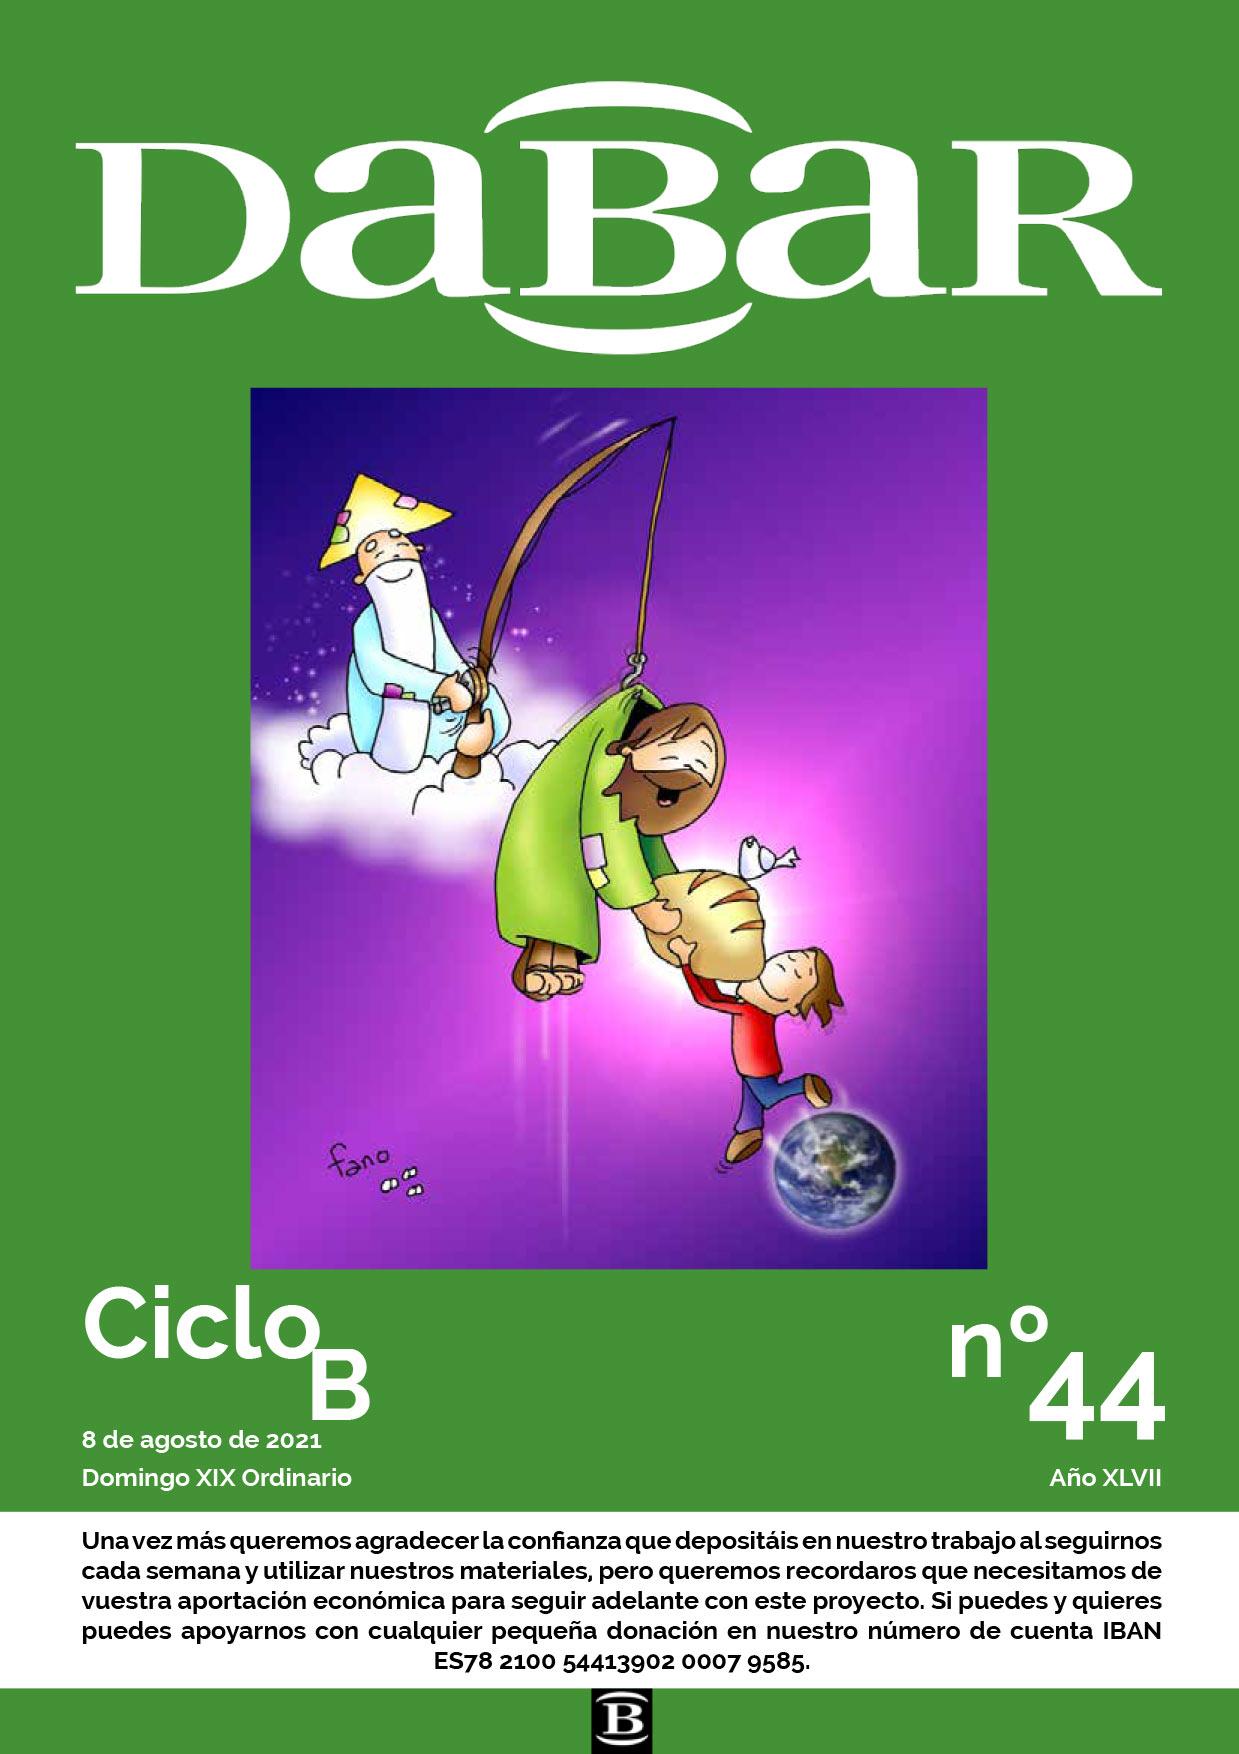 Dabar Revista numero 44 ciclo B